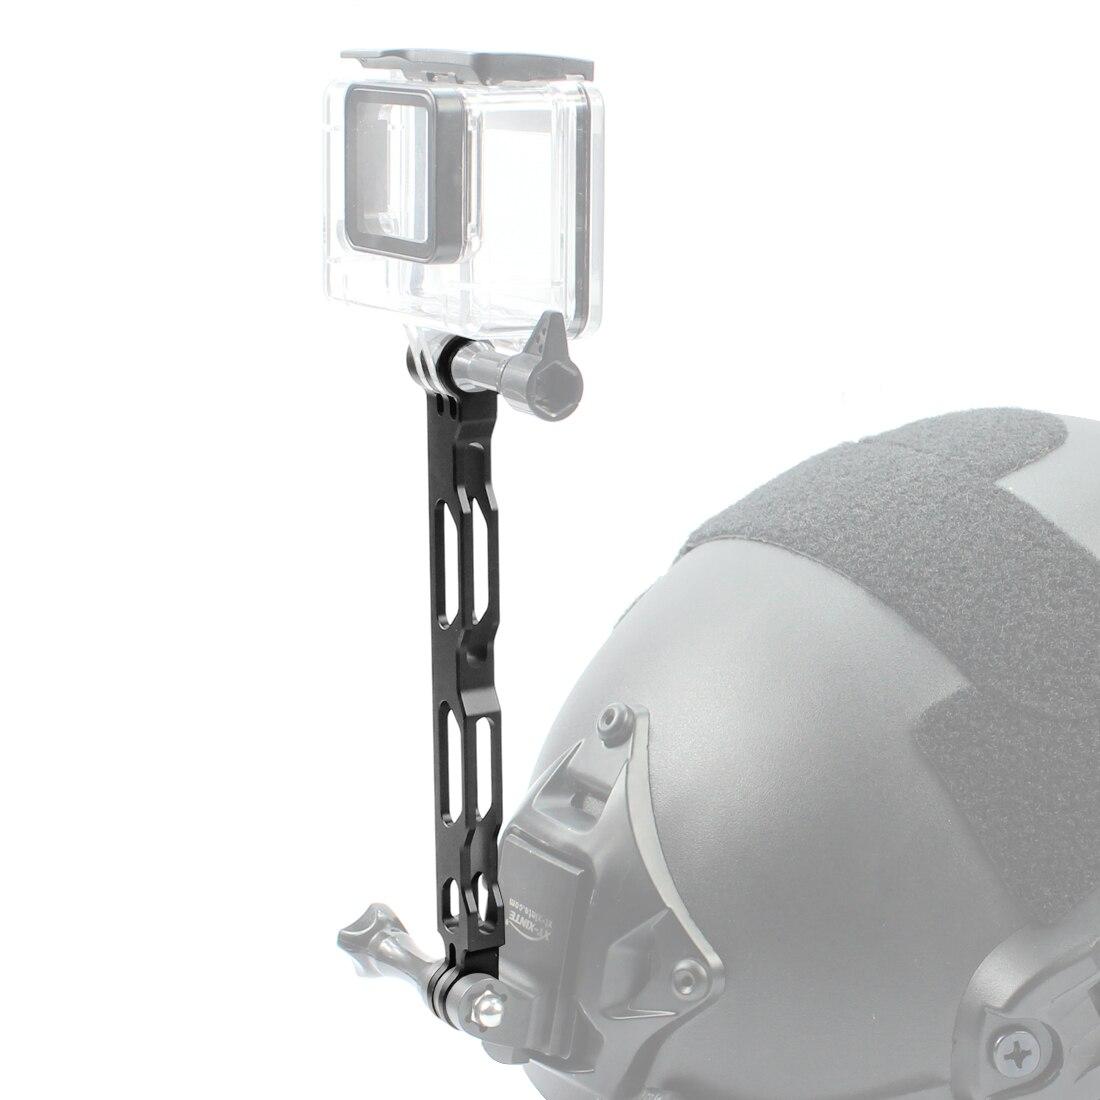 Aluminium Legierung Selfie Verlängerung Arm Pole Verlängert Stange für Gopro hero 3 + 4 4 s 5 6 7 4 k SJCAM Action Kamera